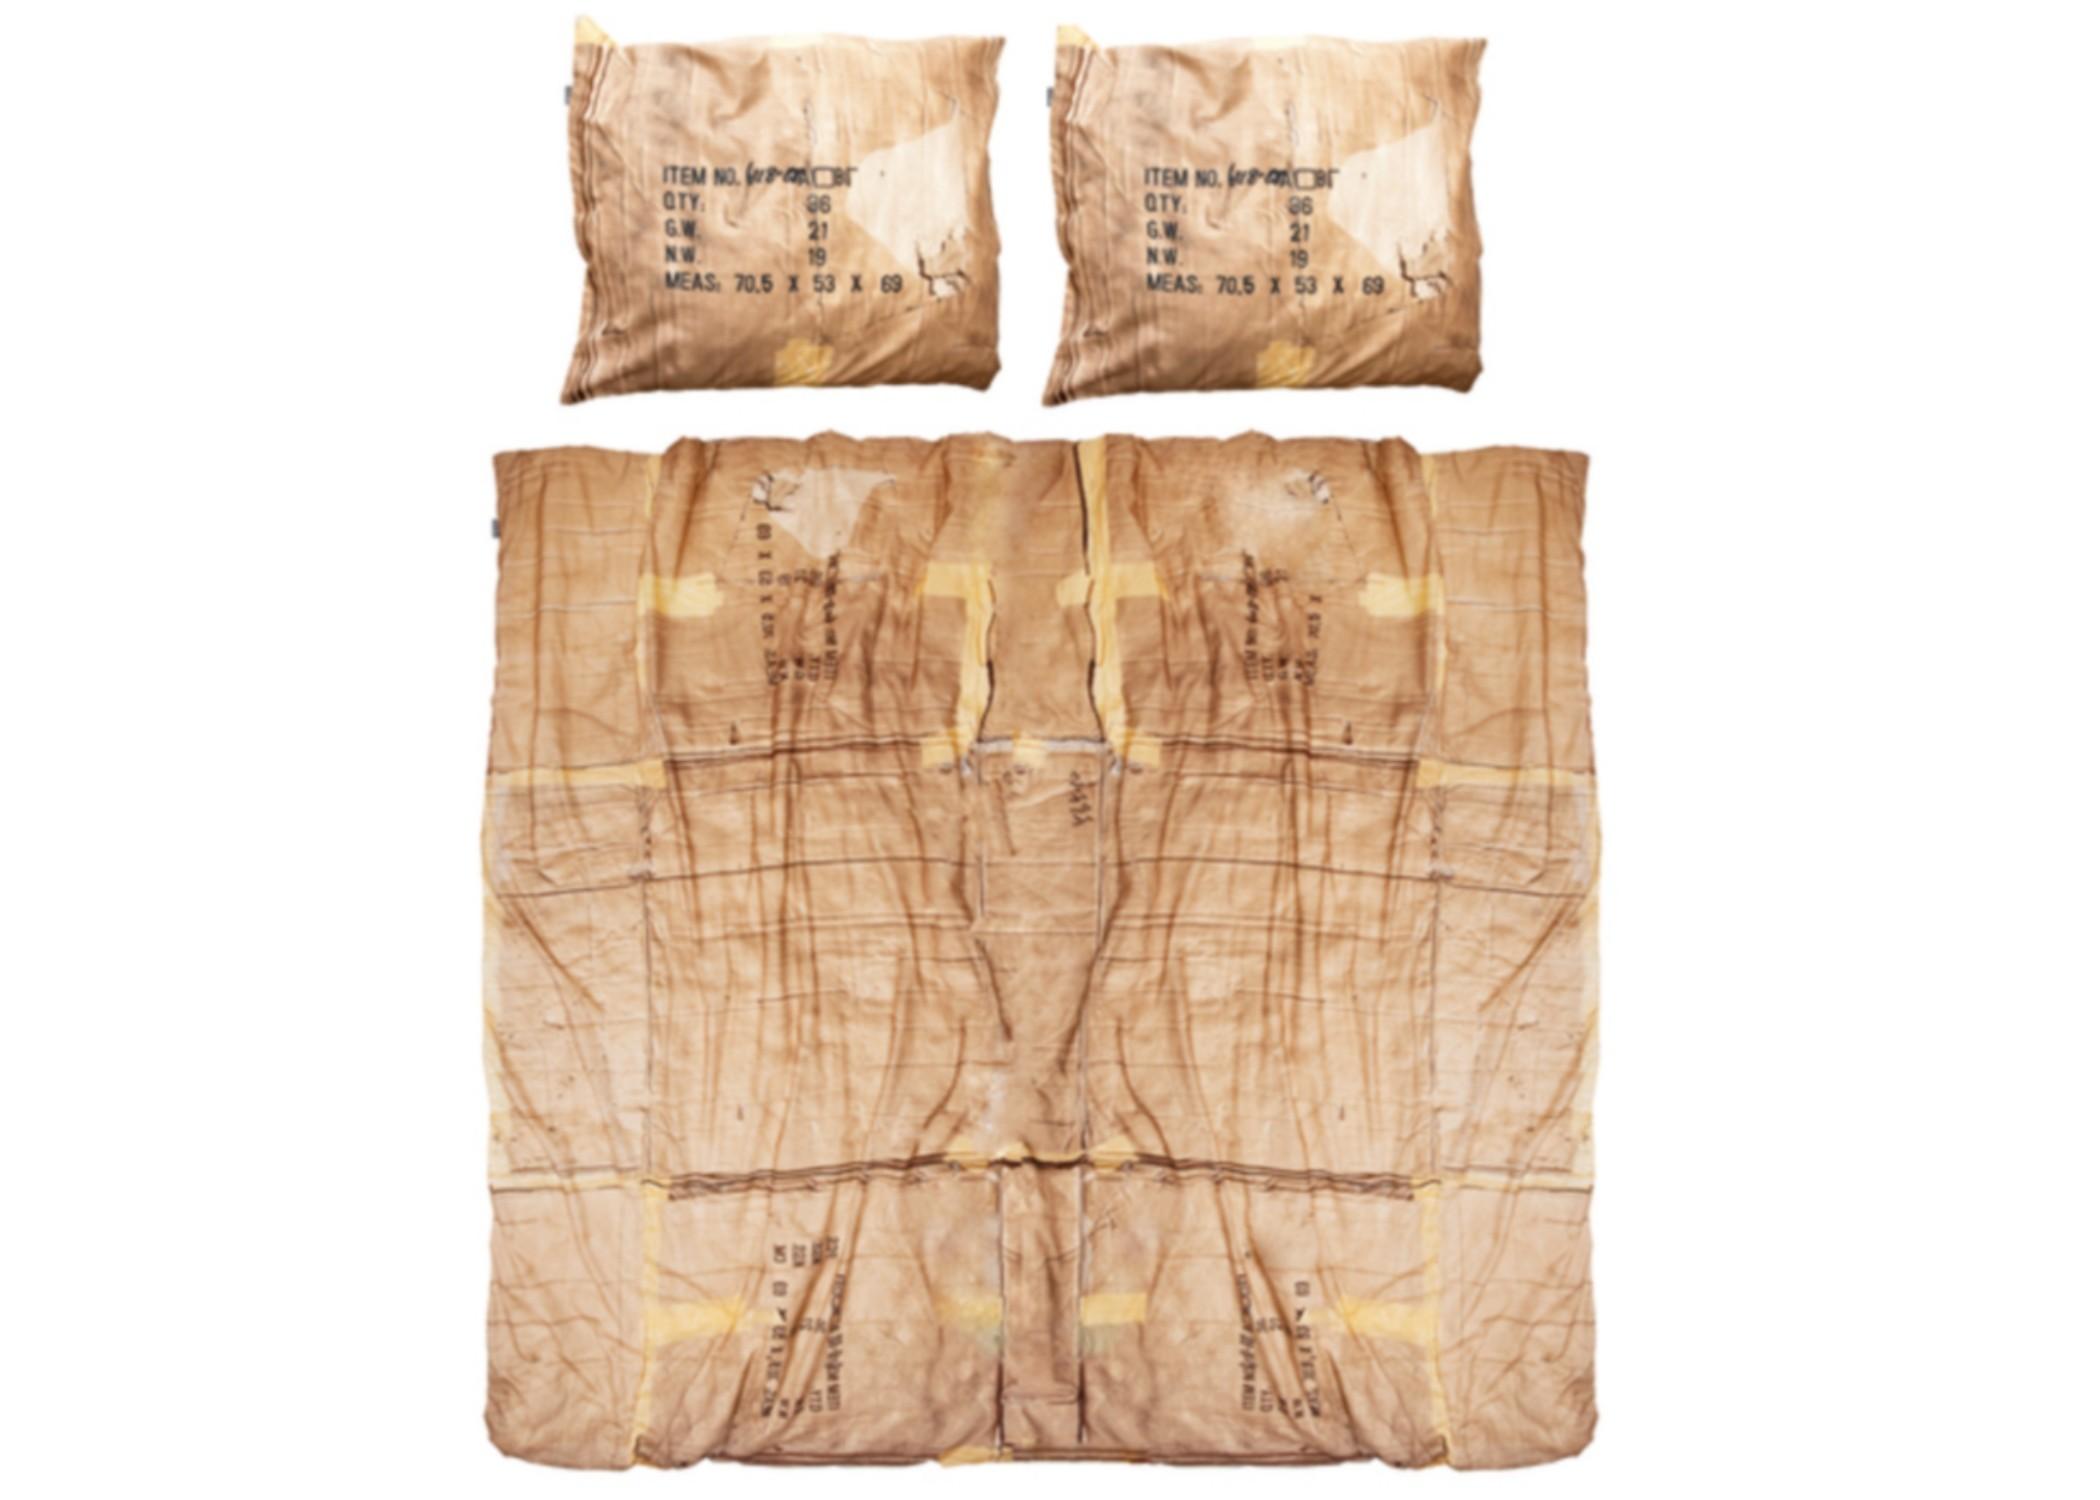 Комплект постельного белья Картонные КоробкиДвуспальные комплекты постельного белья<br>Это постельное белье было сделано, чтобы бездомной молодежи не пришлось спать на улице!  Большая часть выручки от продажи этих комплектов отправляется в различные фонды в Европе, которые помогают бороться с этой проблемой.&amp;amp;nbsp;&amp;lt;div&amp;gt;&amp;lt;br&amp;gt;&amp;lt;/div&amp;gt;&amp;lt;div&amp;gt;Материал: 100% хлопок ПЕРКАЛЬ (плотность ткани 214г/м2).&amp;lt;div&amp;gt;&amp;lt;span style=&amp;quot;line-height: 1.78571;&amp;quot;&amp;gt;В комплект входит: пододеяльник 200х220см - 1 шт, наволочка 50х70см - 2 шт.&amp;lt;/span&amp;gt;&amp;lt;br&amp;gt;&amp;lt;/div&amp;gt;&amp;lt;/div&amp;gt;<br><br>Material: Хлопок<br>Length см: 220<br>Width см: 200